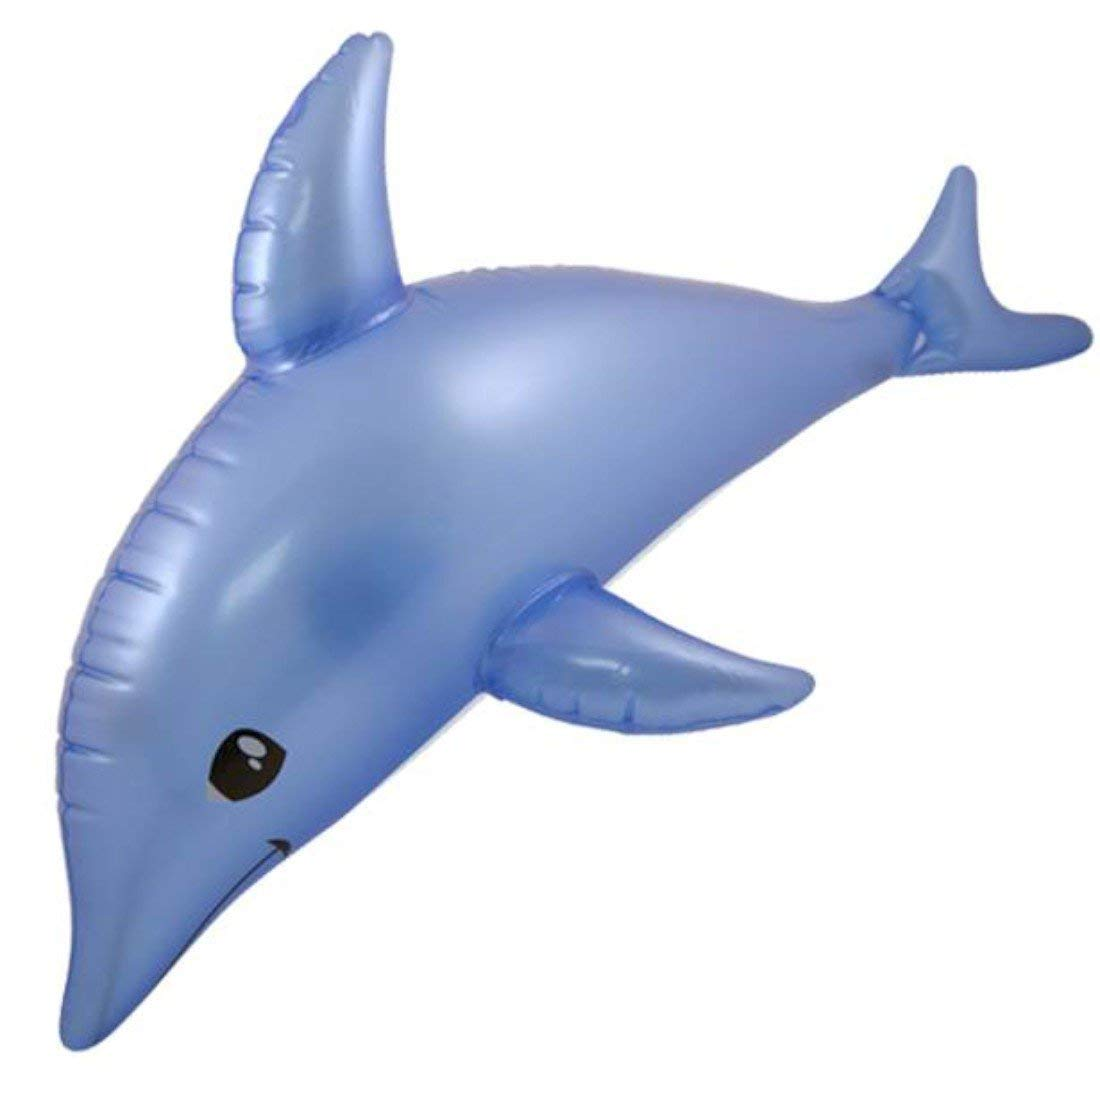 Playa de delfín hinchable 53 cm: Amazon.es: Bricolaje y ...